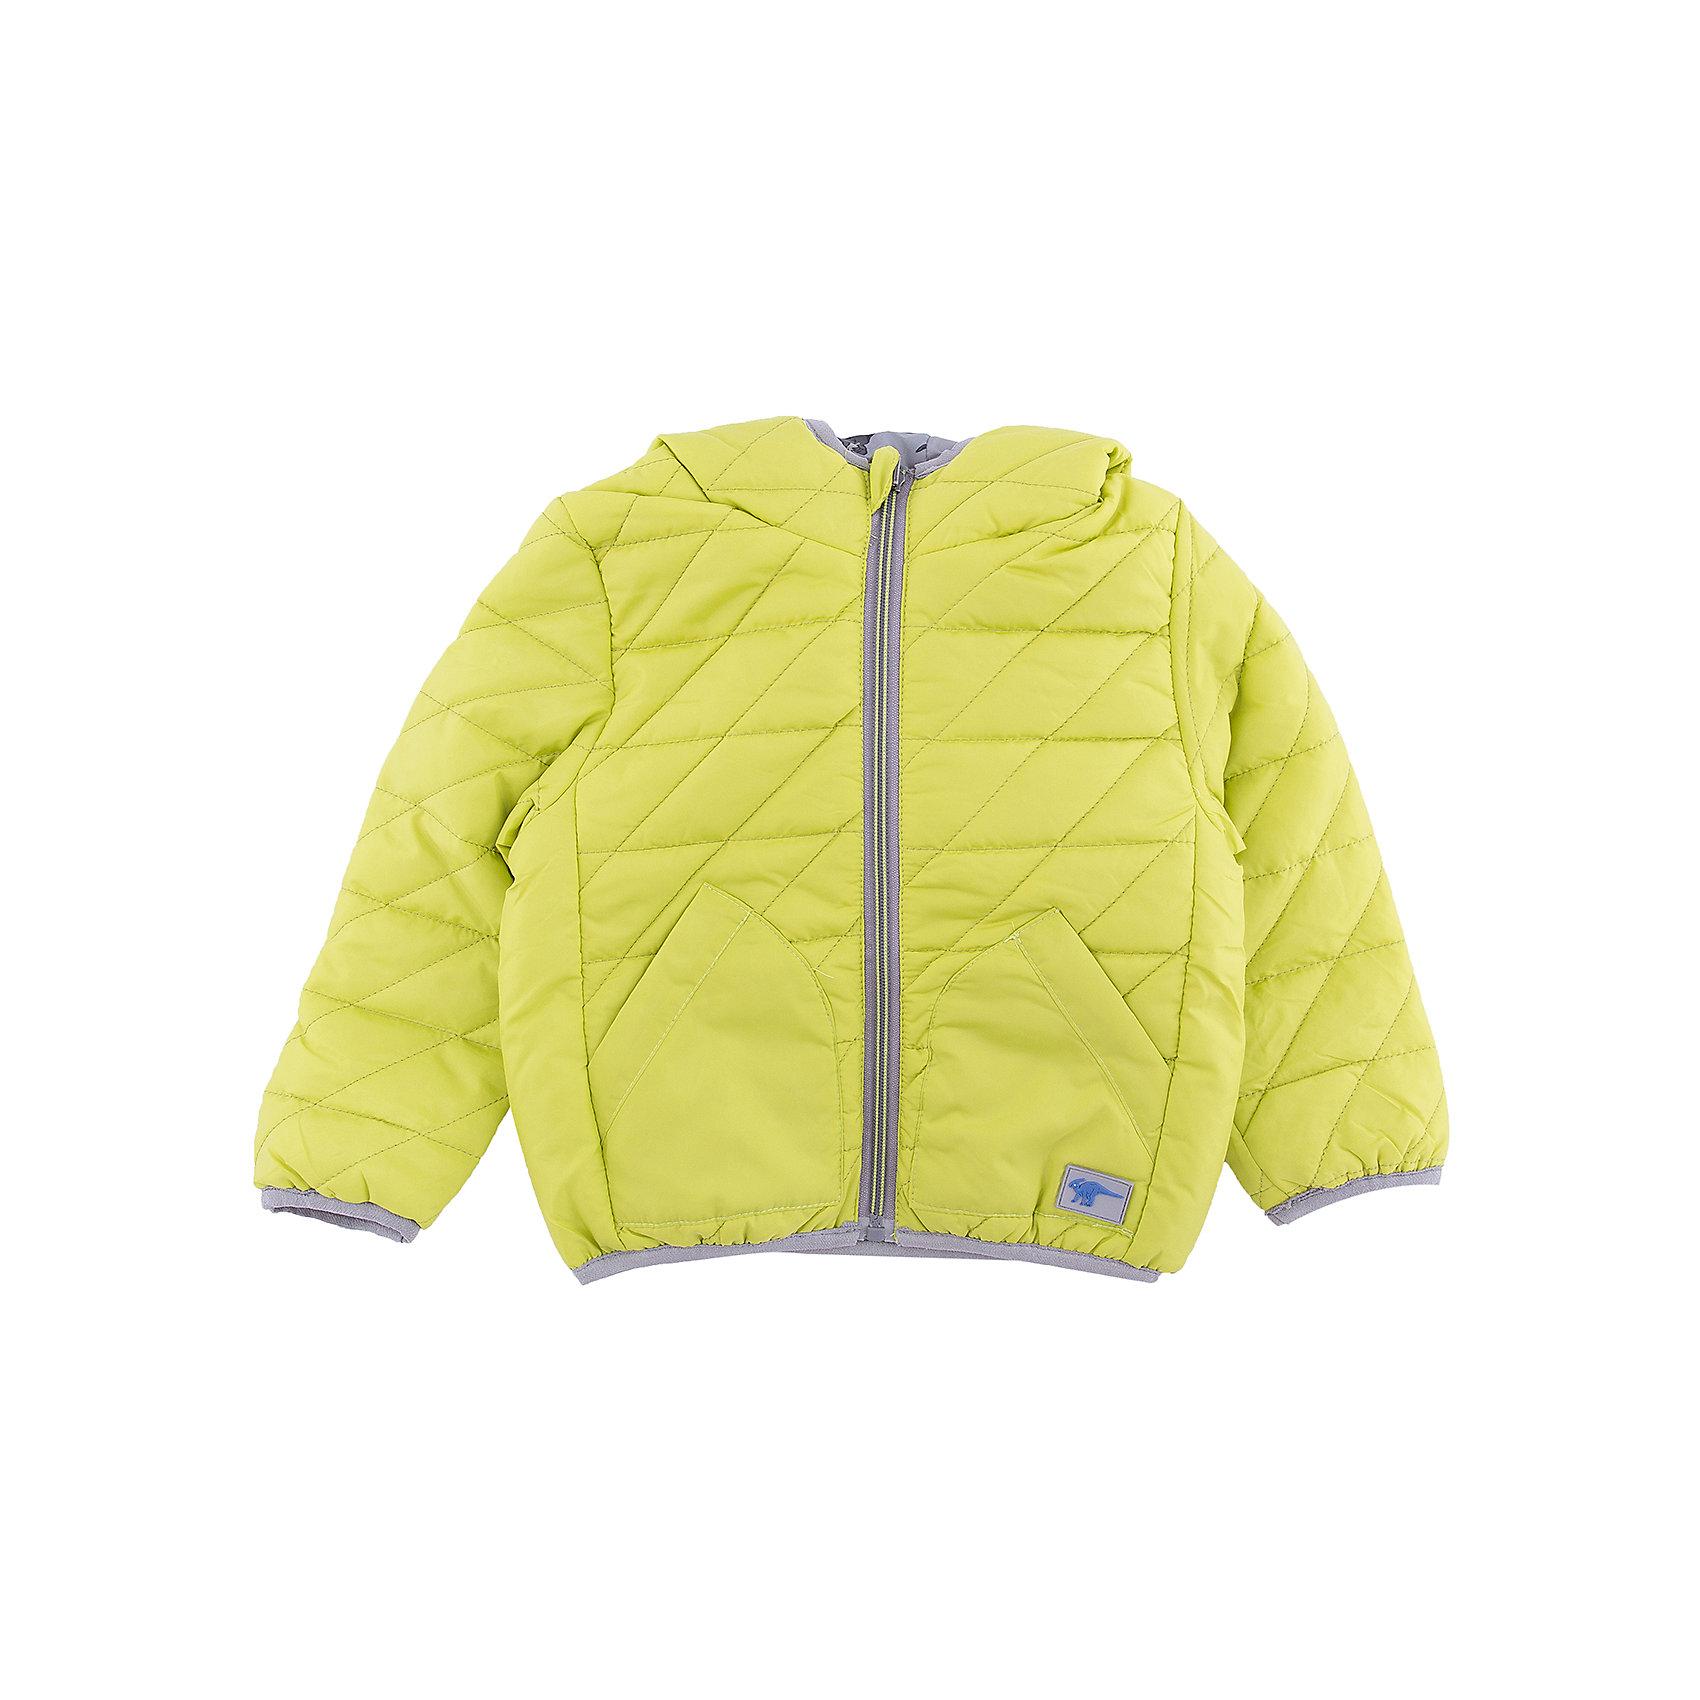 Куртка Sweet Berry для мальчикаВерхняя одежда<br>Куртка Sweet Berry для мальчика<br>Двусторонняя утепленная стеганая куртка для мальчика.  Цельнокроеный капюшон, два прорезных карманы. Капюшон, рукава и низ изделия оформлены контрастной окантовочной резинкой.<br>Состав:<br>Верх: 100% полиэстер Подкладка: 100% полиэстер Наполнитель 100% полиэстер<br><br>Ширина мм: 356<br>Глубина мм: 10<br>Высота мм: 245<br>Вес г: 519<br>Цвет: зеленый<br>Возраст от месяцев: 24<br>Возраст до месяцев: 36<br>Пол: Мужской<br>Возраст: Детский<br>Размер: 98,80,86,92<br>SKU: 7095389